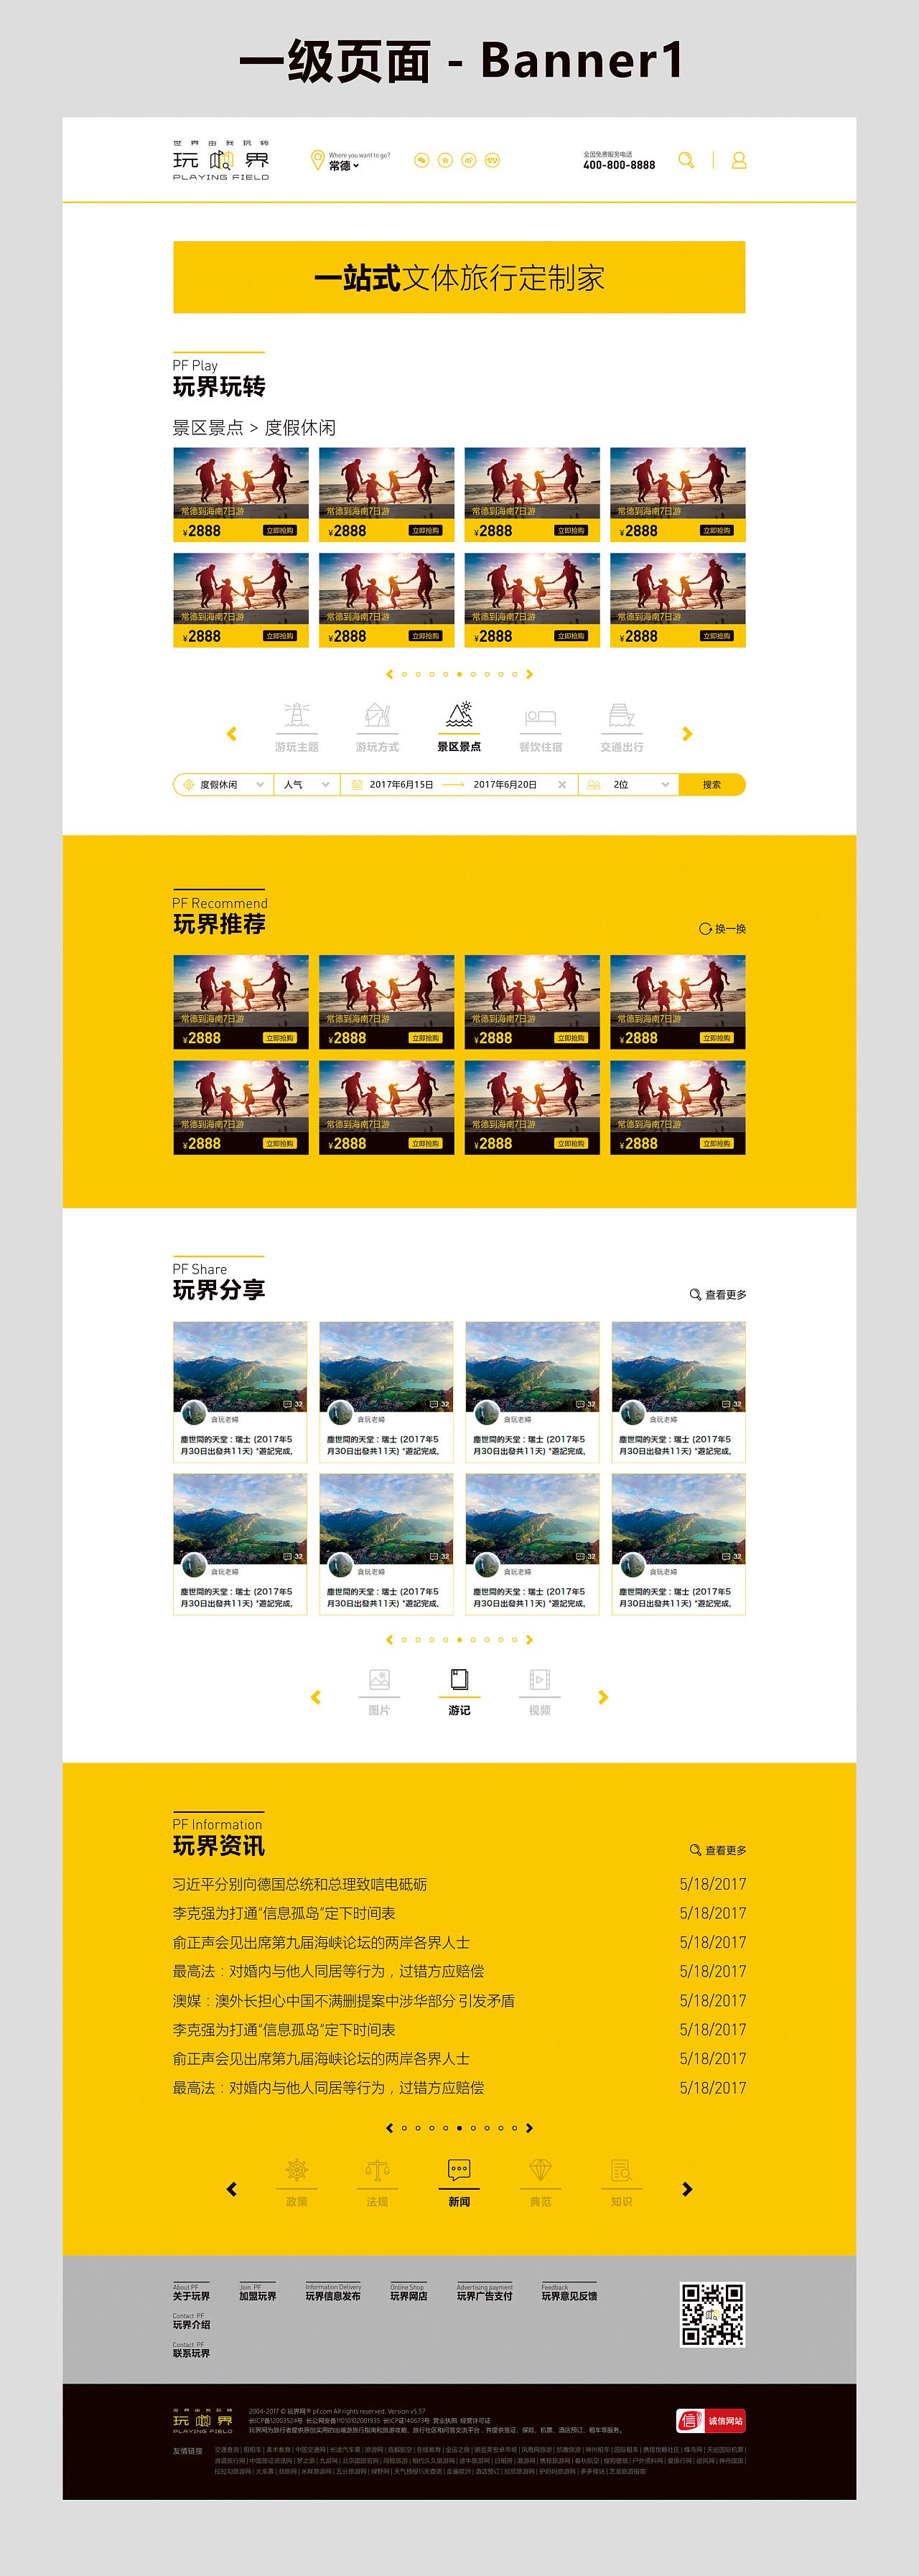 玩界网页设计预览海之言包装设计优点图片